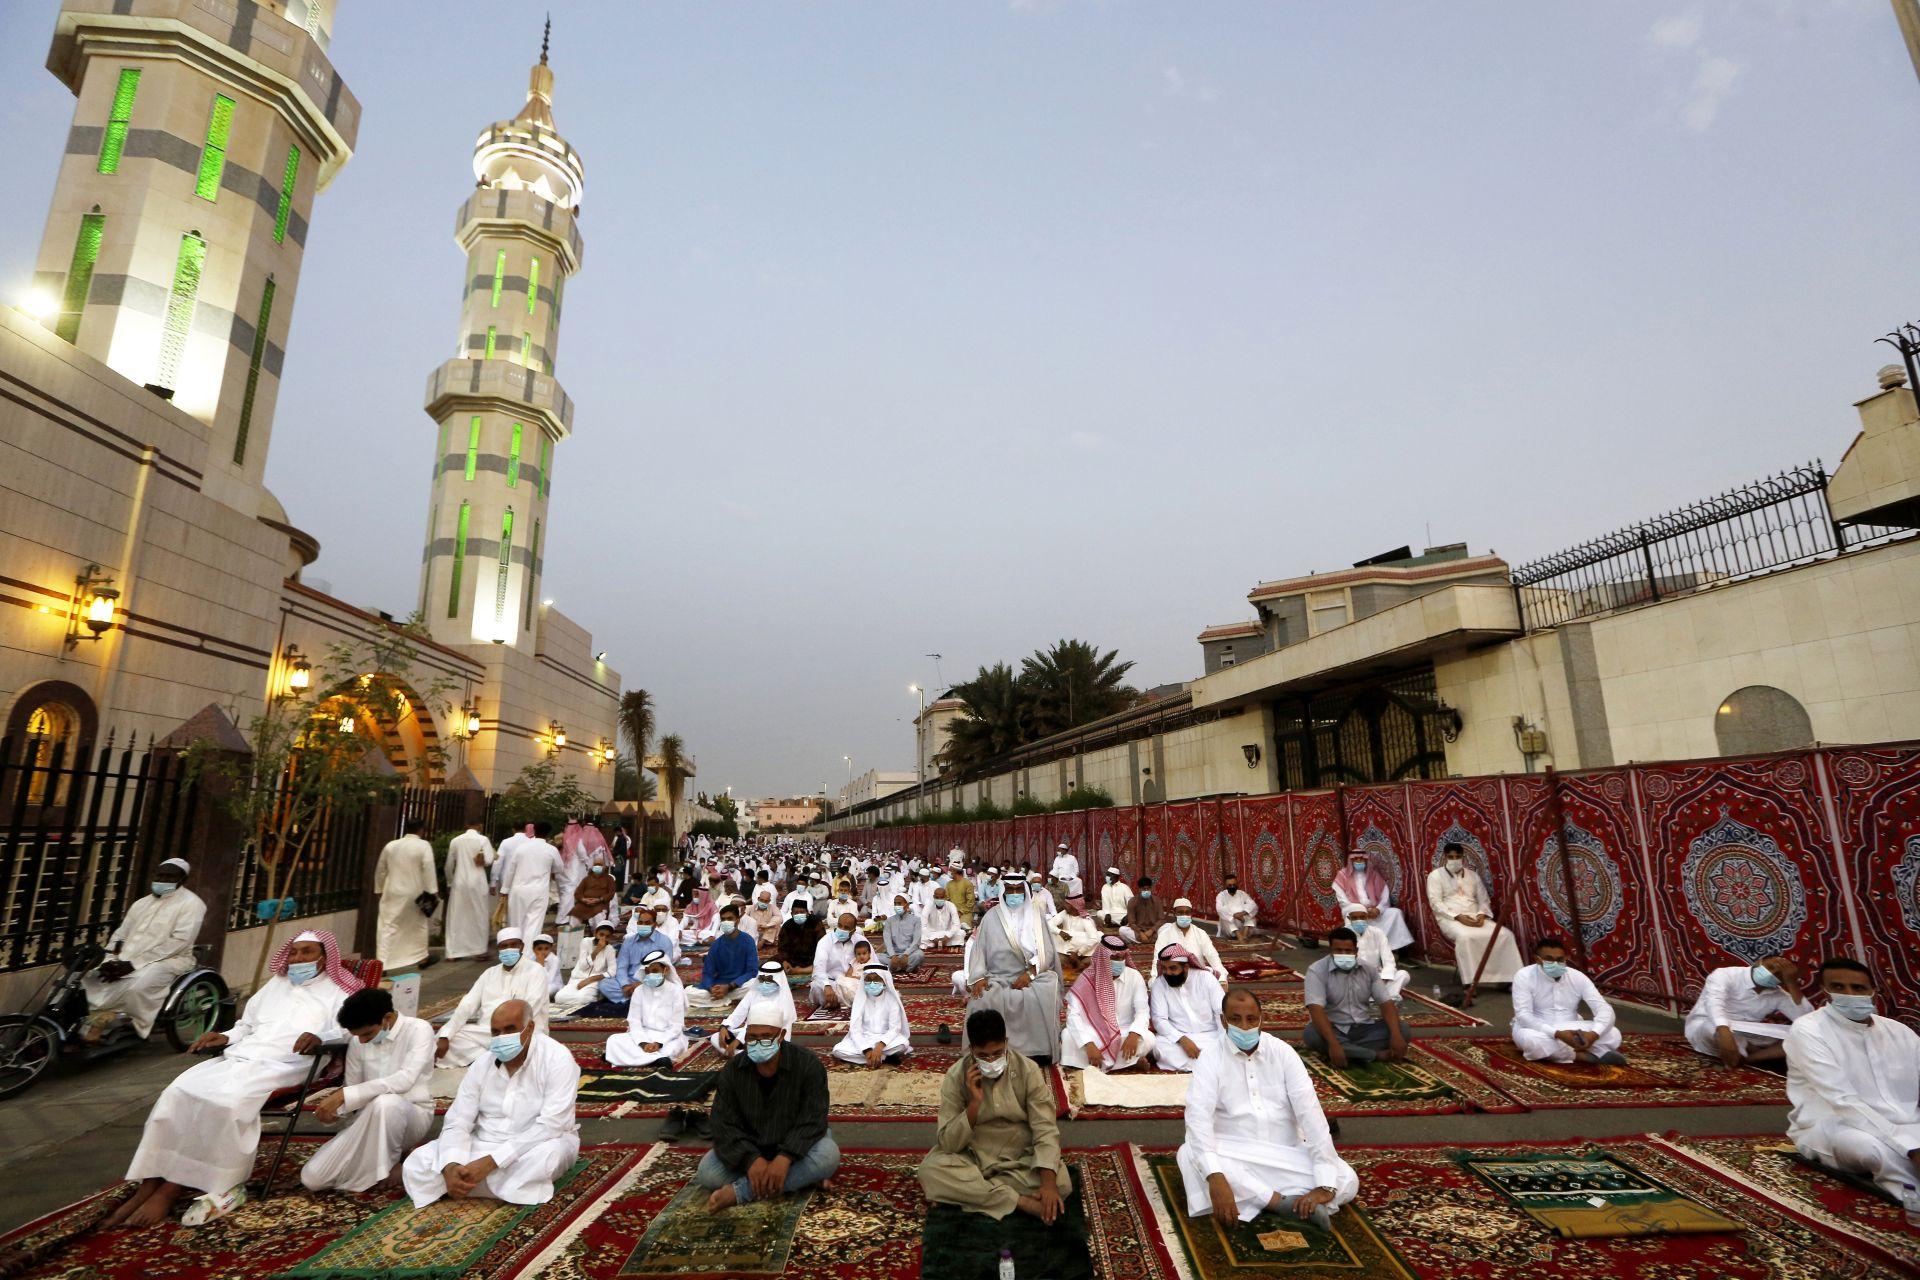 Мюсюлманите отбелязват края на свещения постния месец Рамадан в джамията Ал-Мираби в Джида, Саудитска Арабия